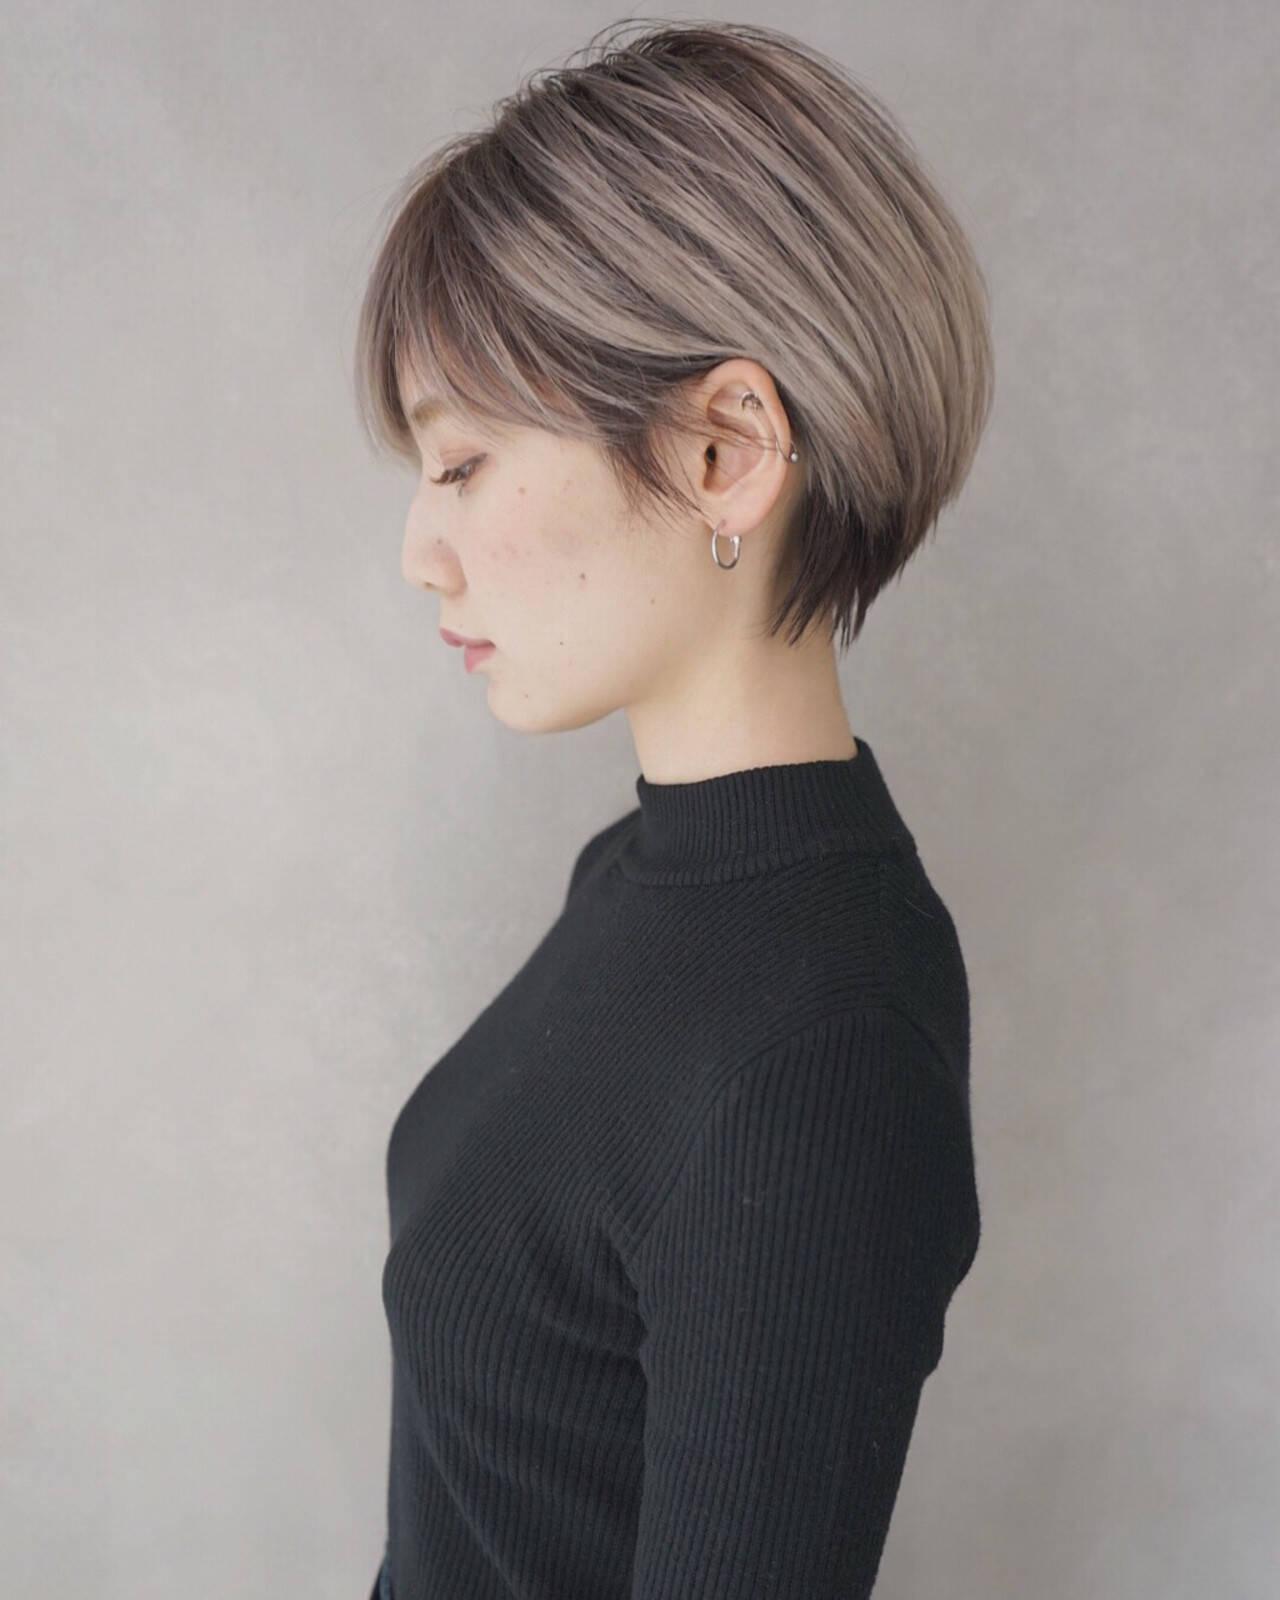 ミルクティー アッシュ ショート グレージュヘアスタイルや髪型の写真・画像